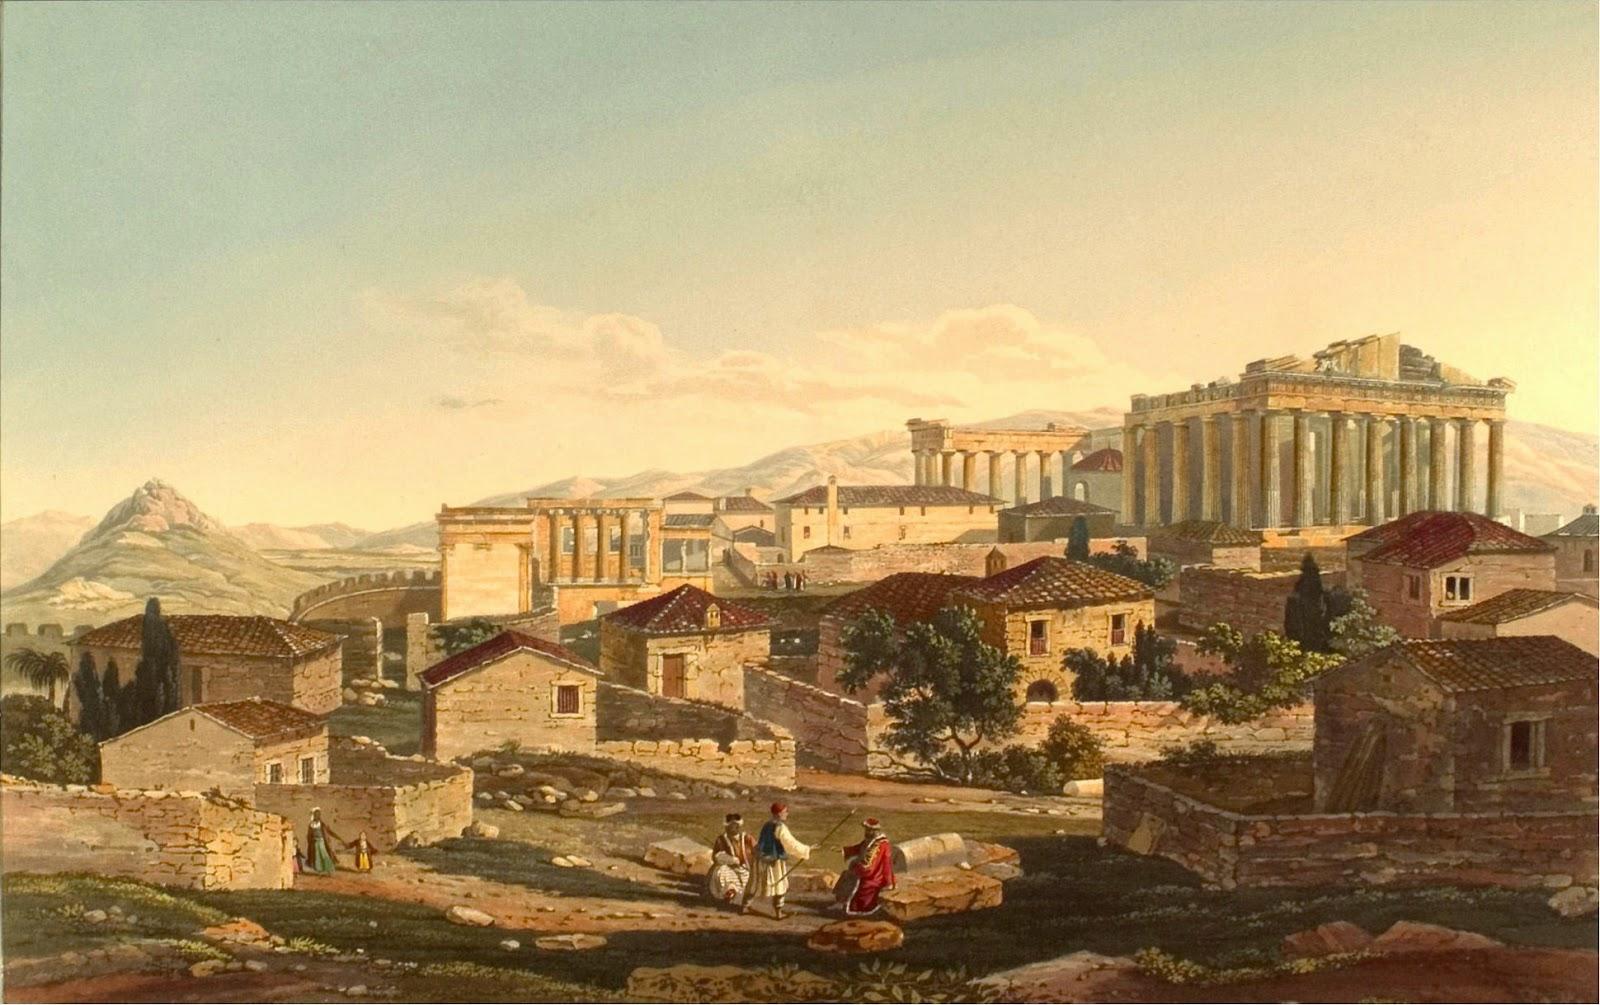 ΑΘΗΝΑ: Η Ακρόπολη το 1802 στην Τουρκοκρατία. Πίνακας του Ε.Dodwell. Ο πίνακας περιέχει ακριβείς λεπτομέρειες για το εσωτερικό της Ακρόπολης λίγο πριν από την επανάσταση του 1821. Στο βάθος φαίνεται ο Υμηττός, αριστερά ο Λυκαβηττός, που τότε λεγόταν Άγχεσμος και πίσω του το Πεντελικό όρος.